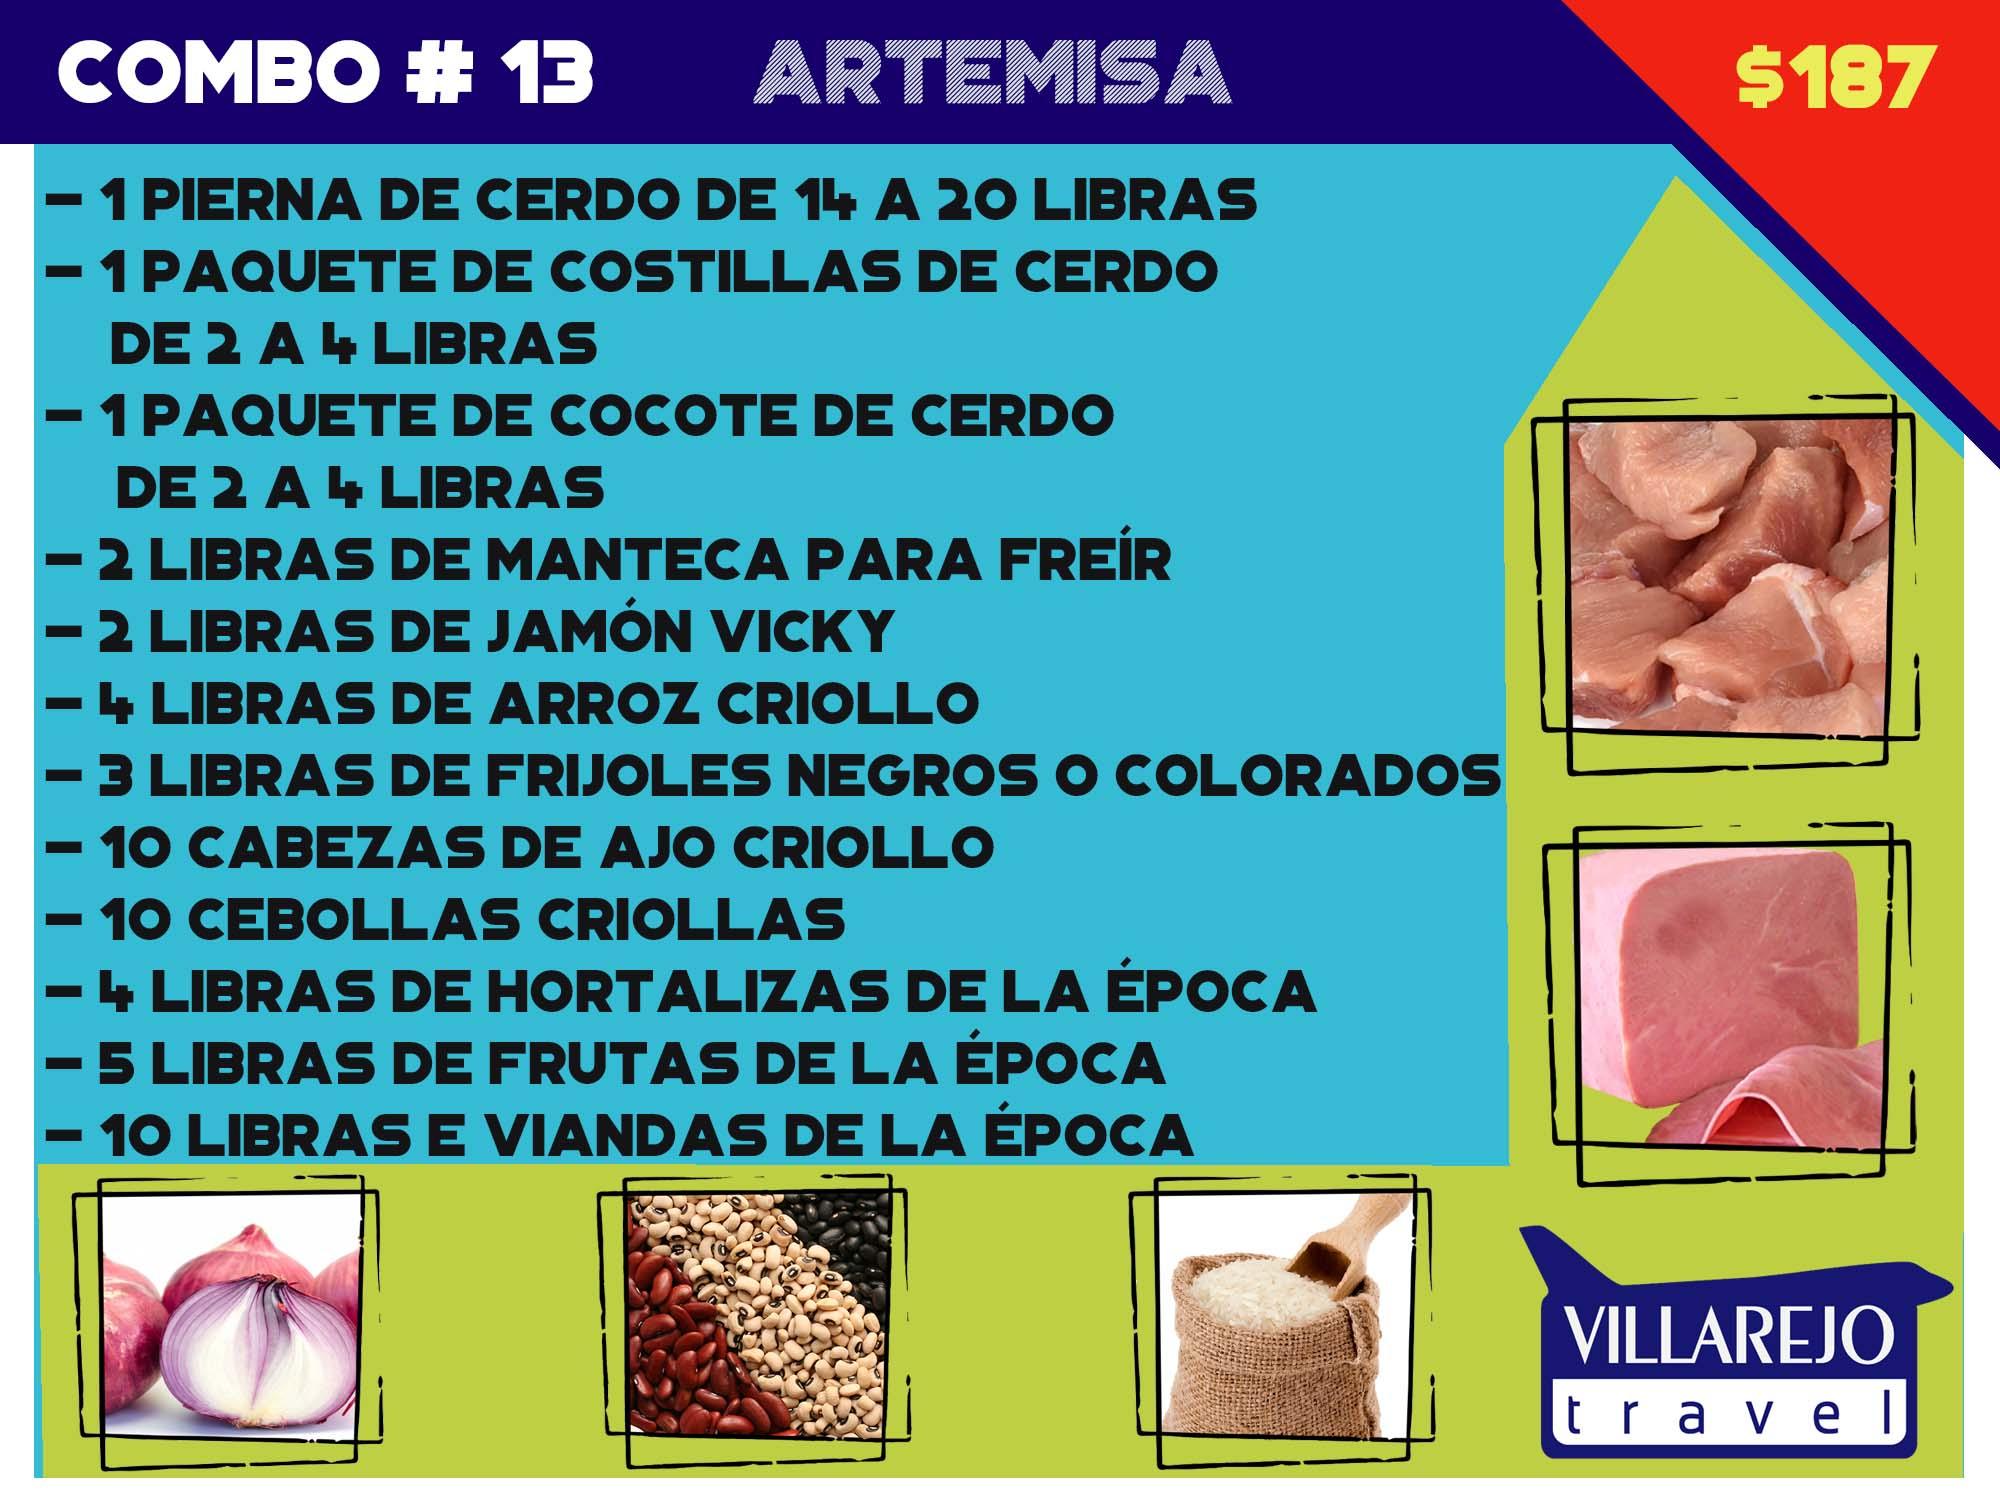 COMBO # 13 PROVINCIA DE ARTEMISA (Pierna)